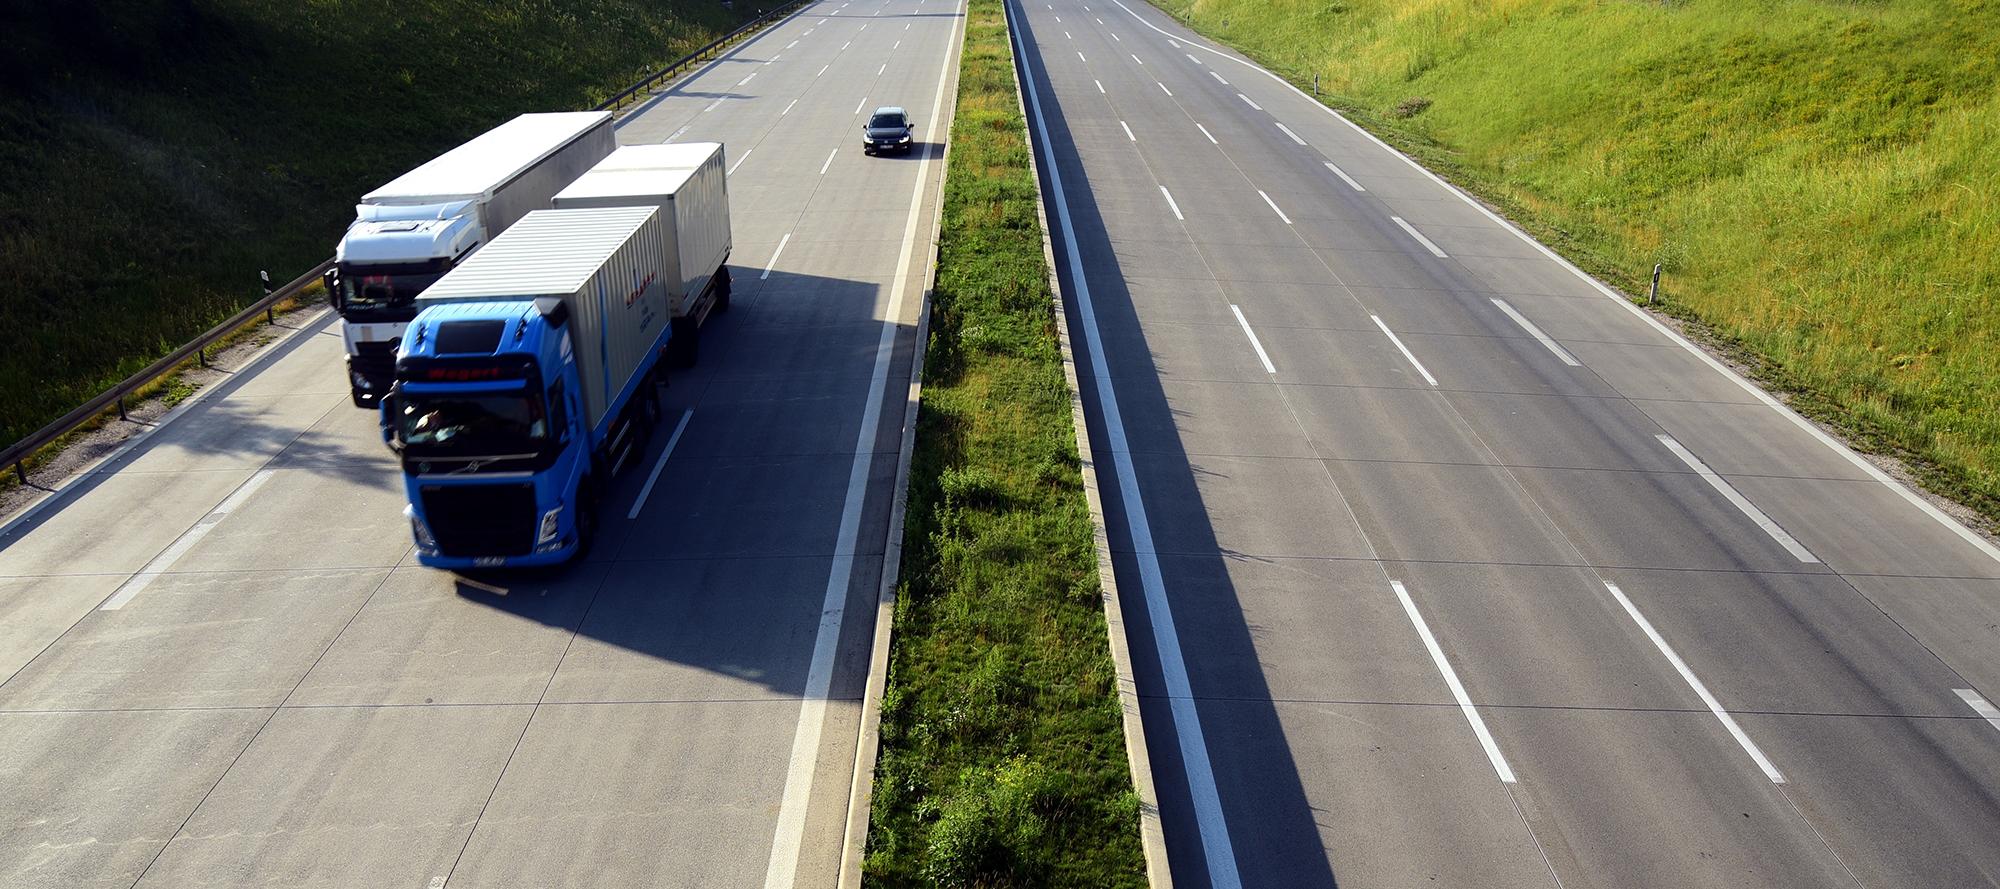 Как транспортным операторам снизить риски? Рекомендации ТТ Клуба